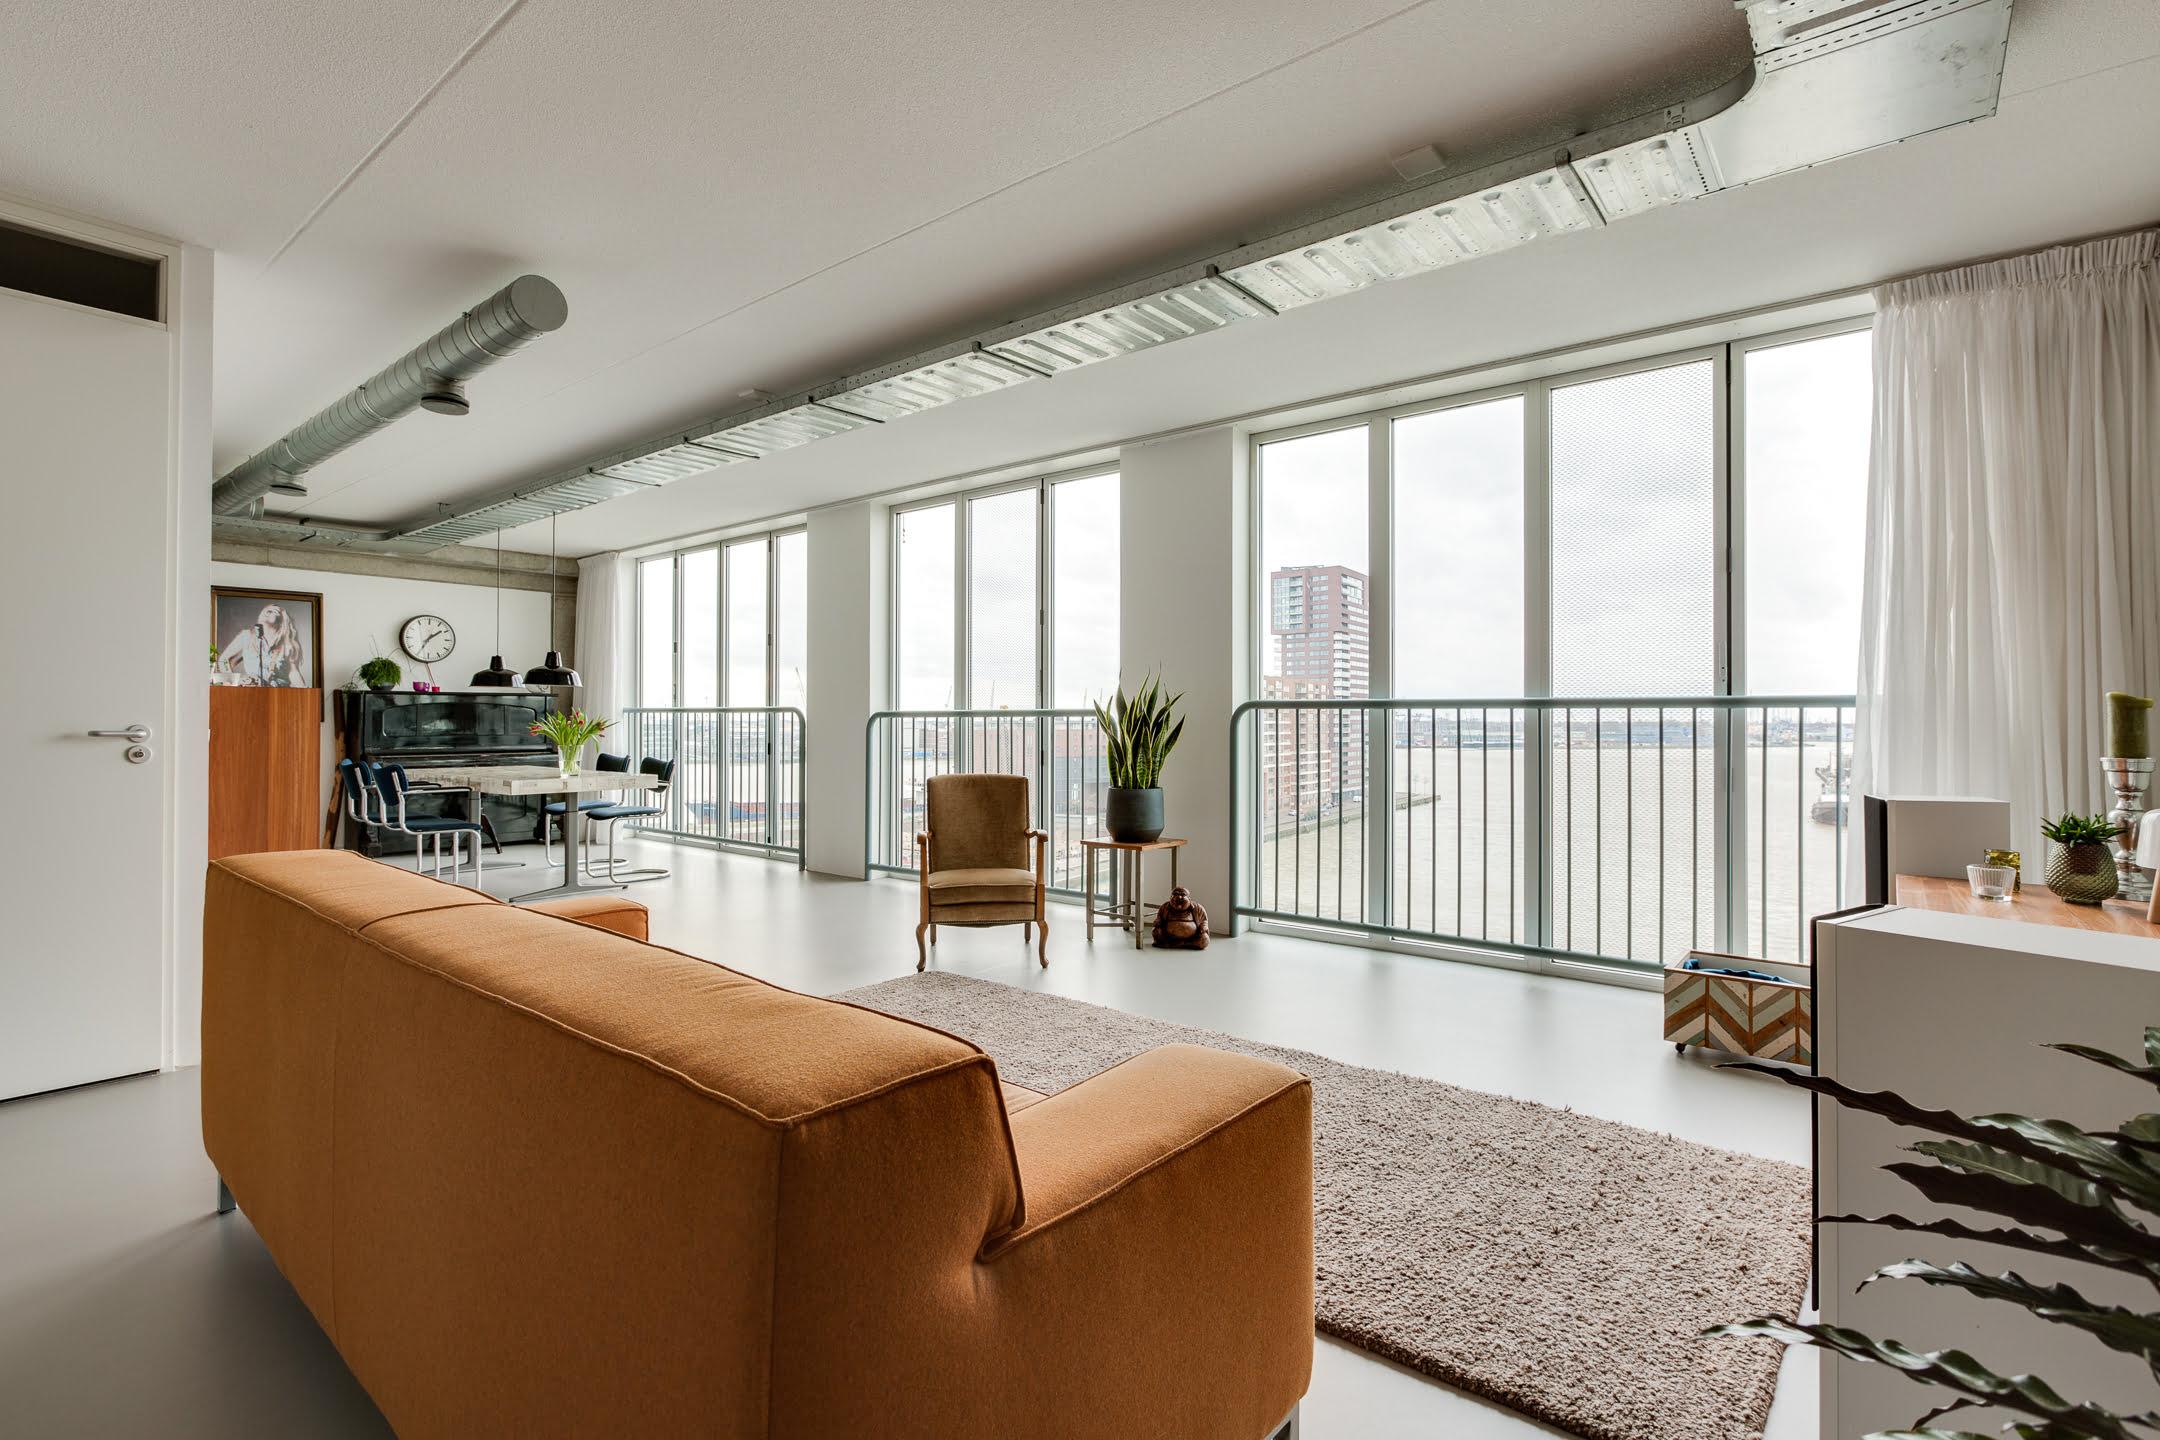 appartement met uitzicht op de haven van rotterdam